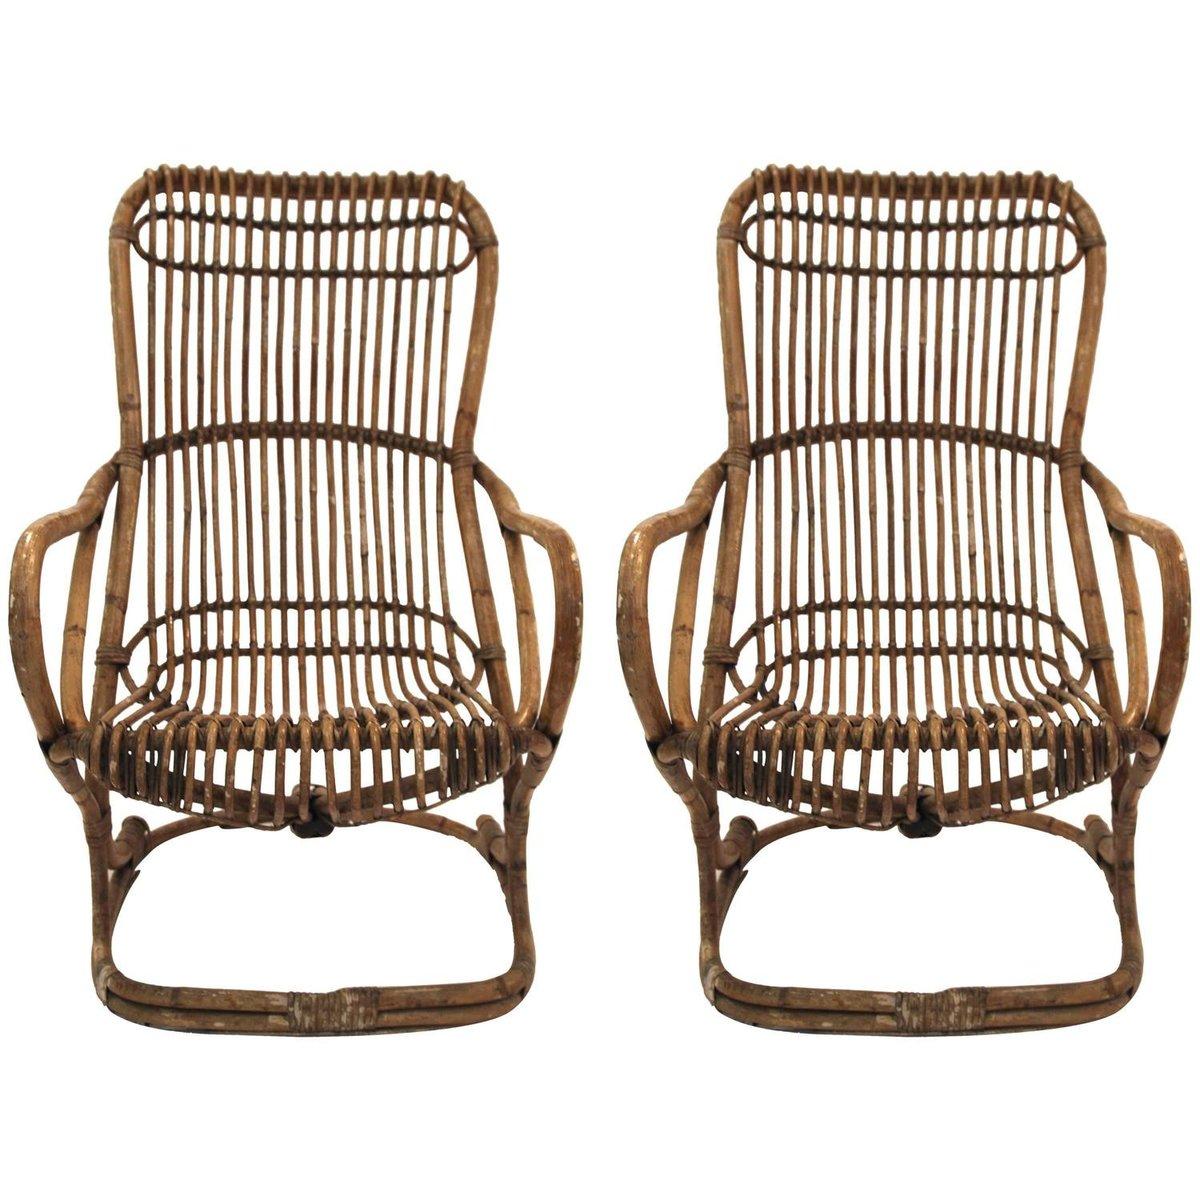 Italienische bambus sessel 1970er 2er set bei pamono kaufen for Sessel italienisches design